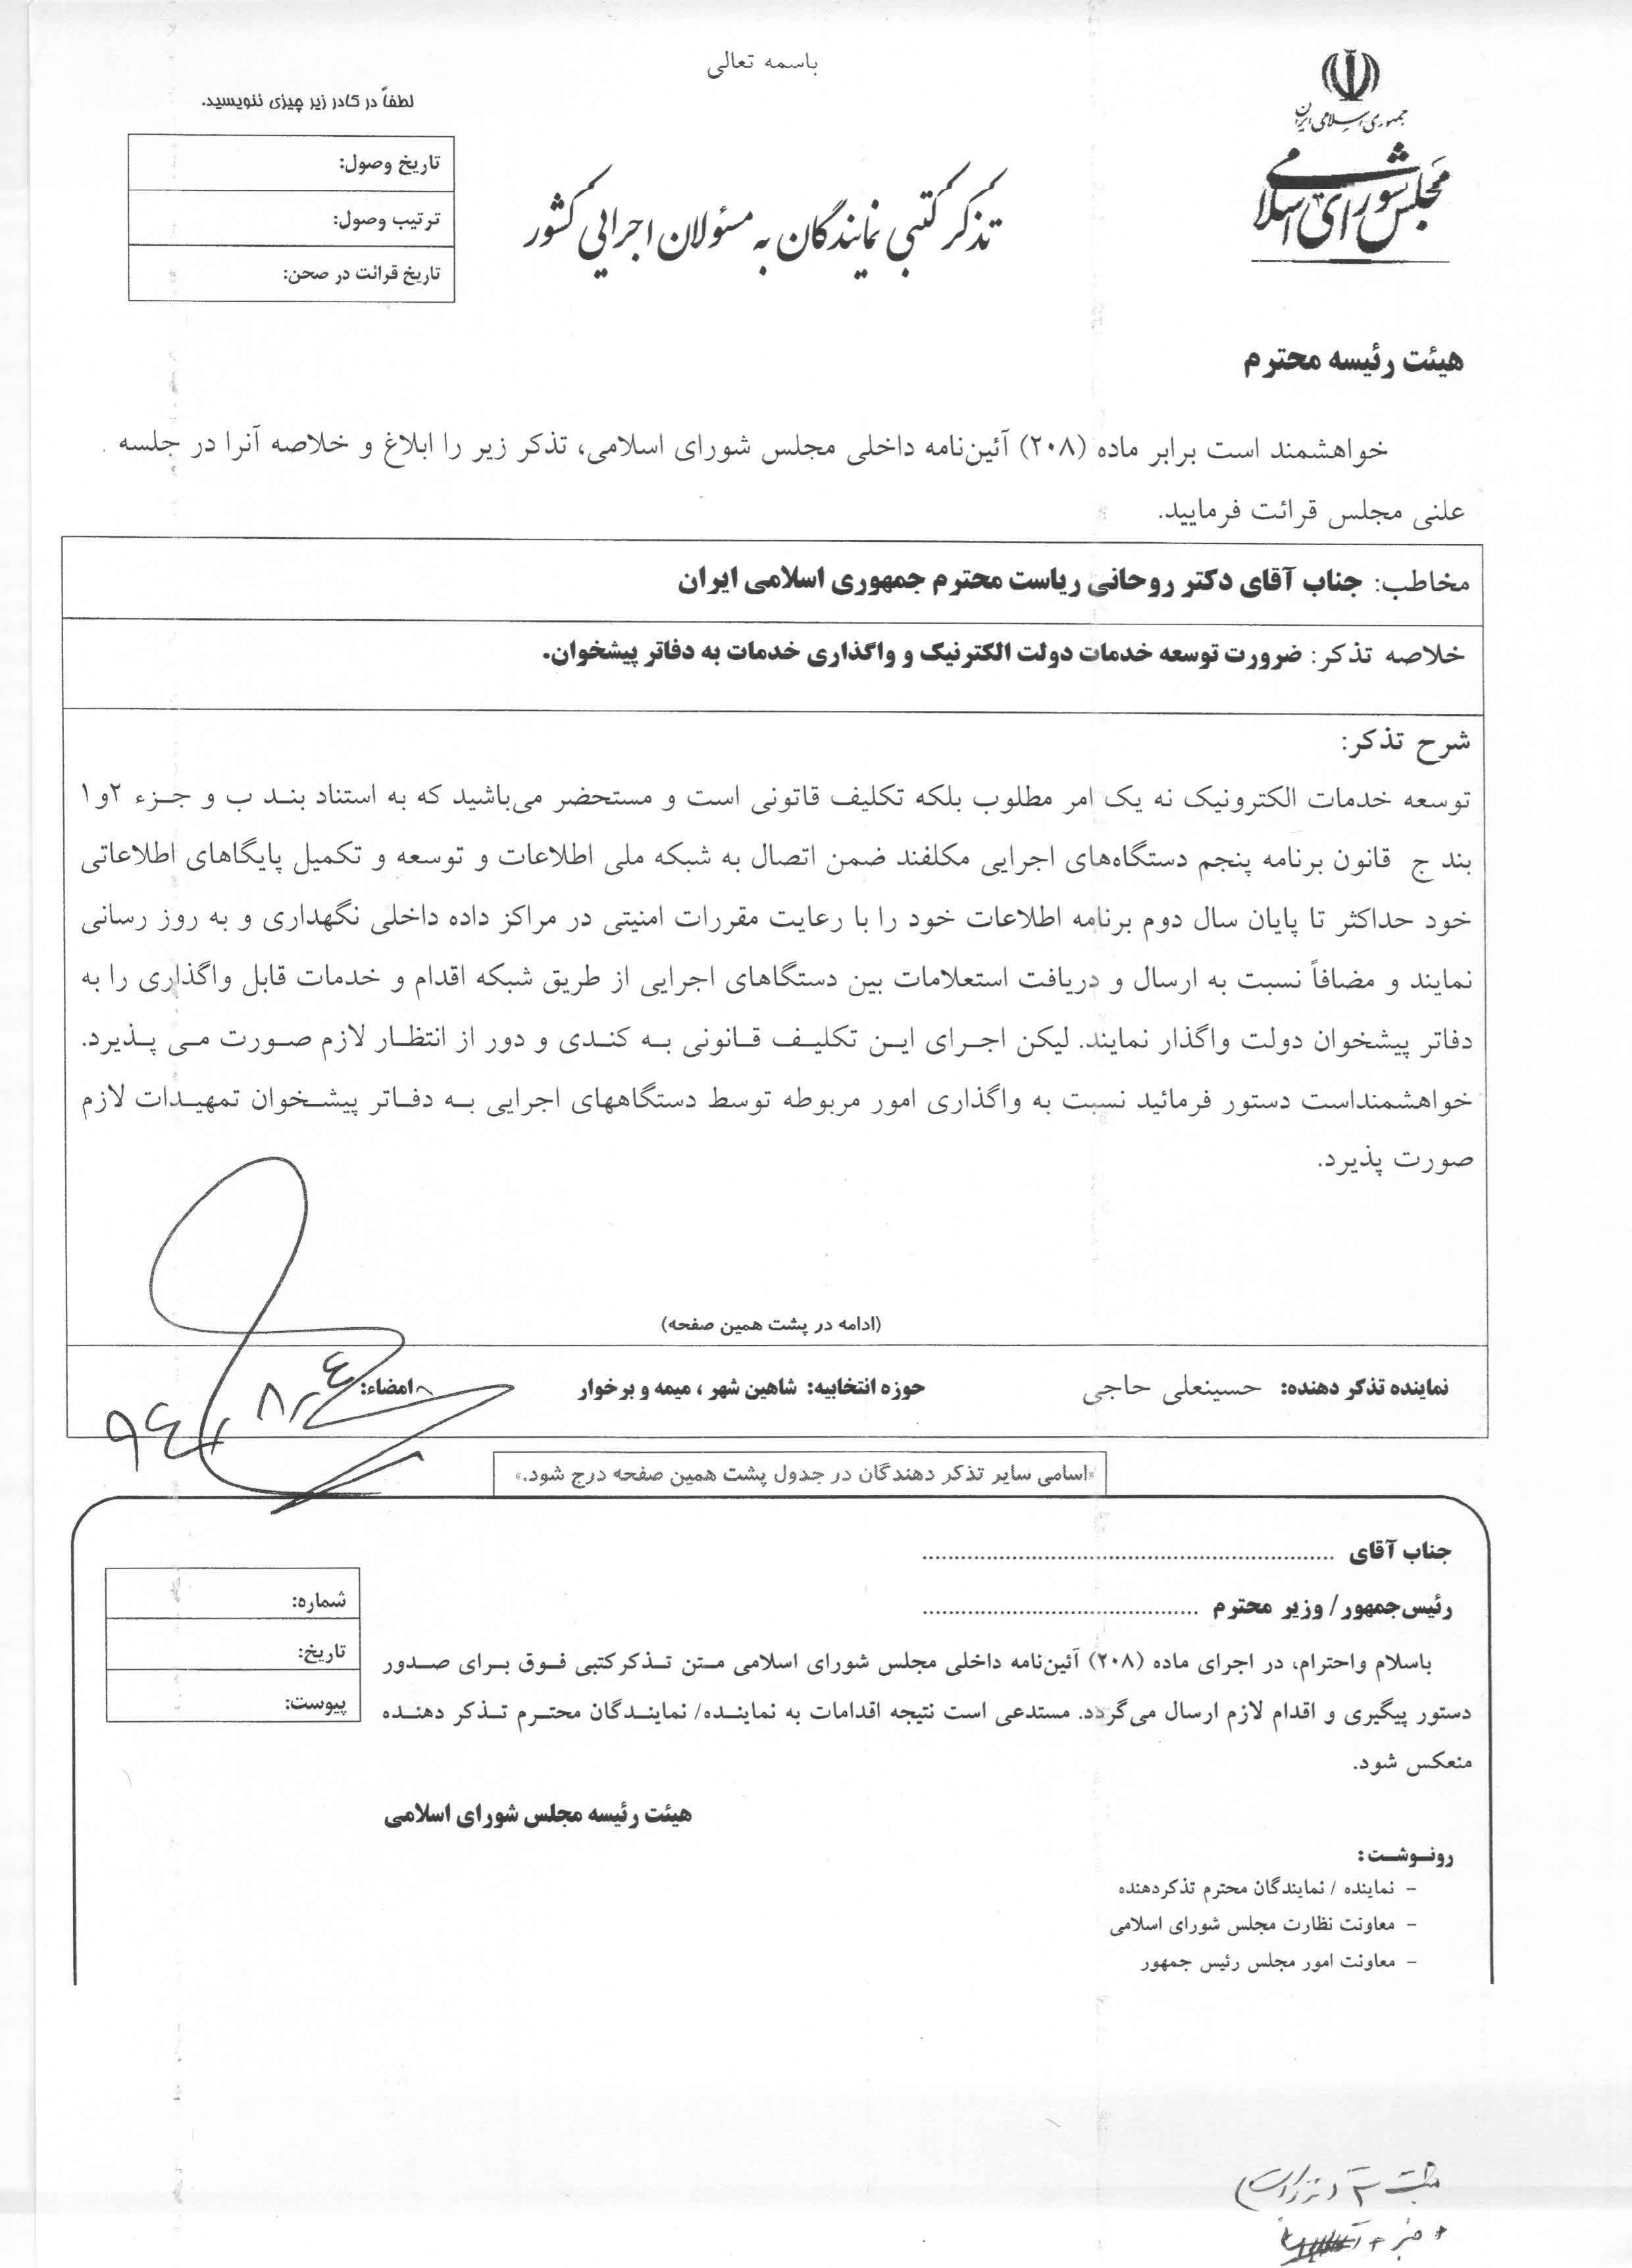 تذکر کتبی آقای حاجی به ریاست محترم جمهوری اسلامی ایران